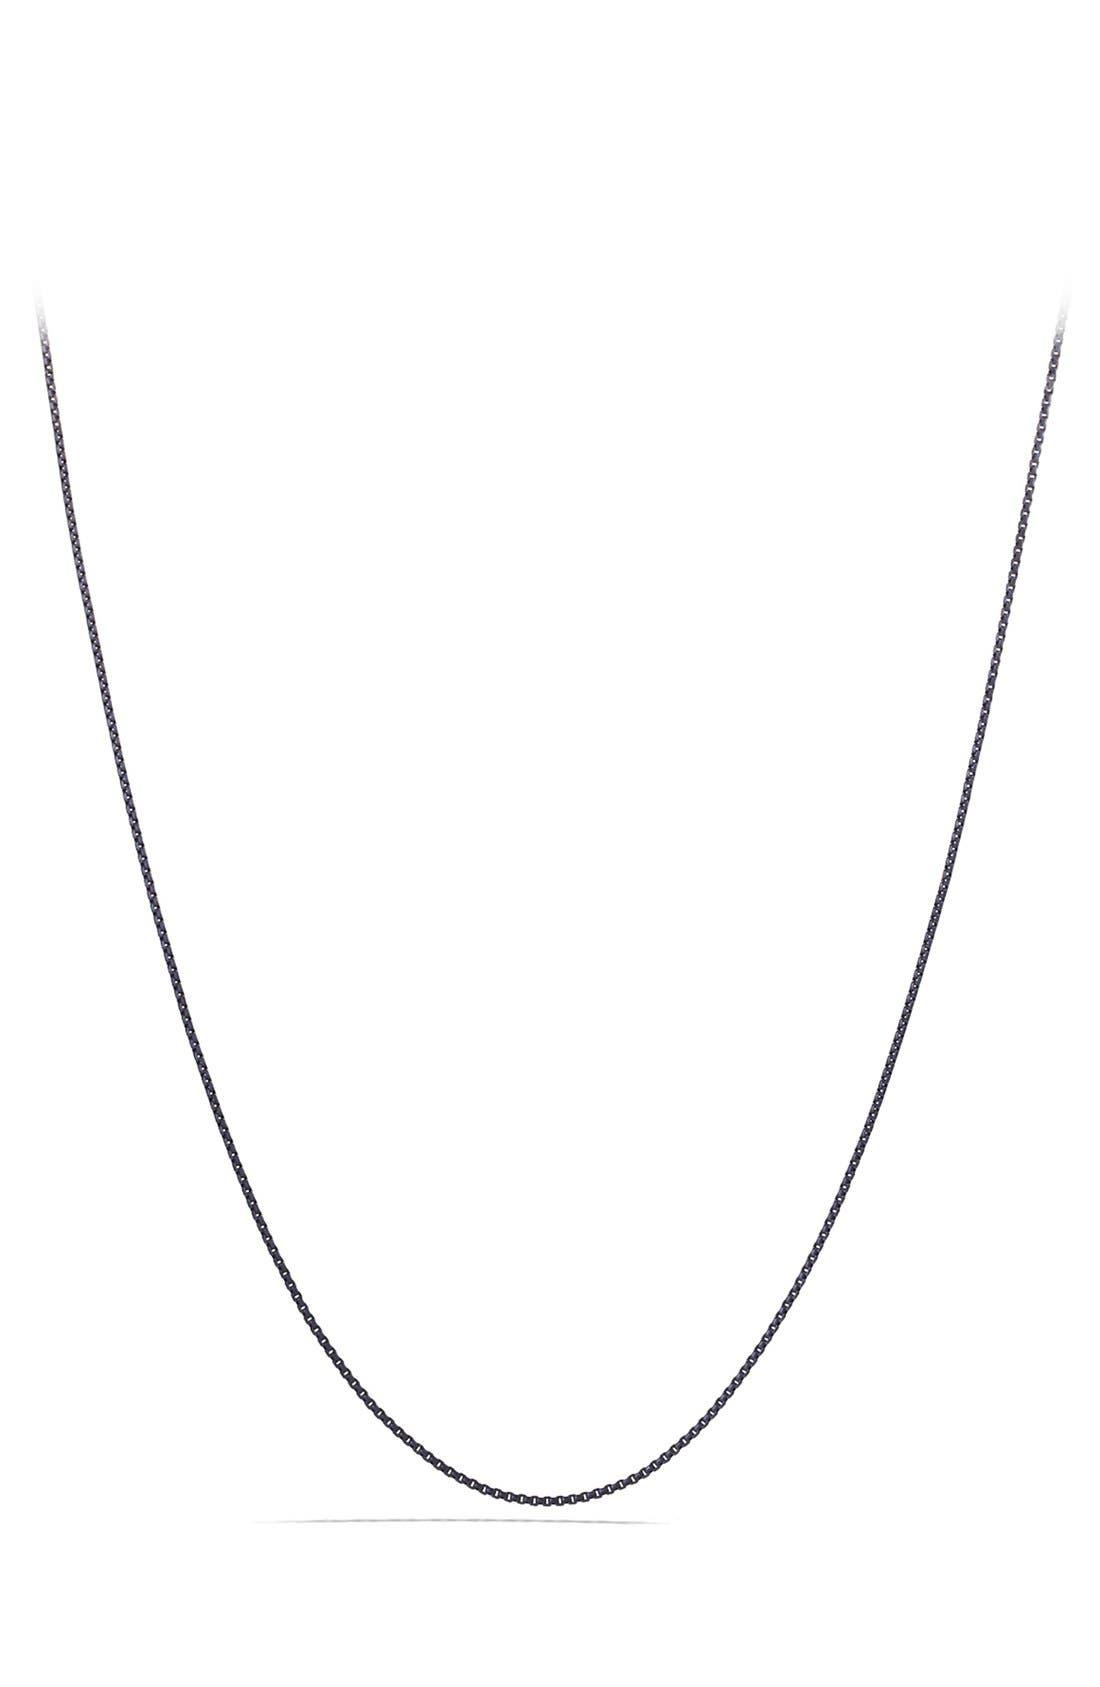 'Chain' Box Chain Necklace,                         Main,                         color, SILVER